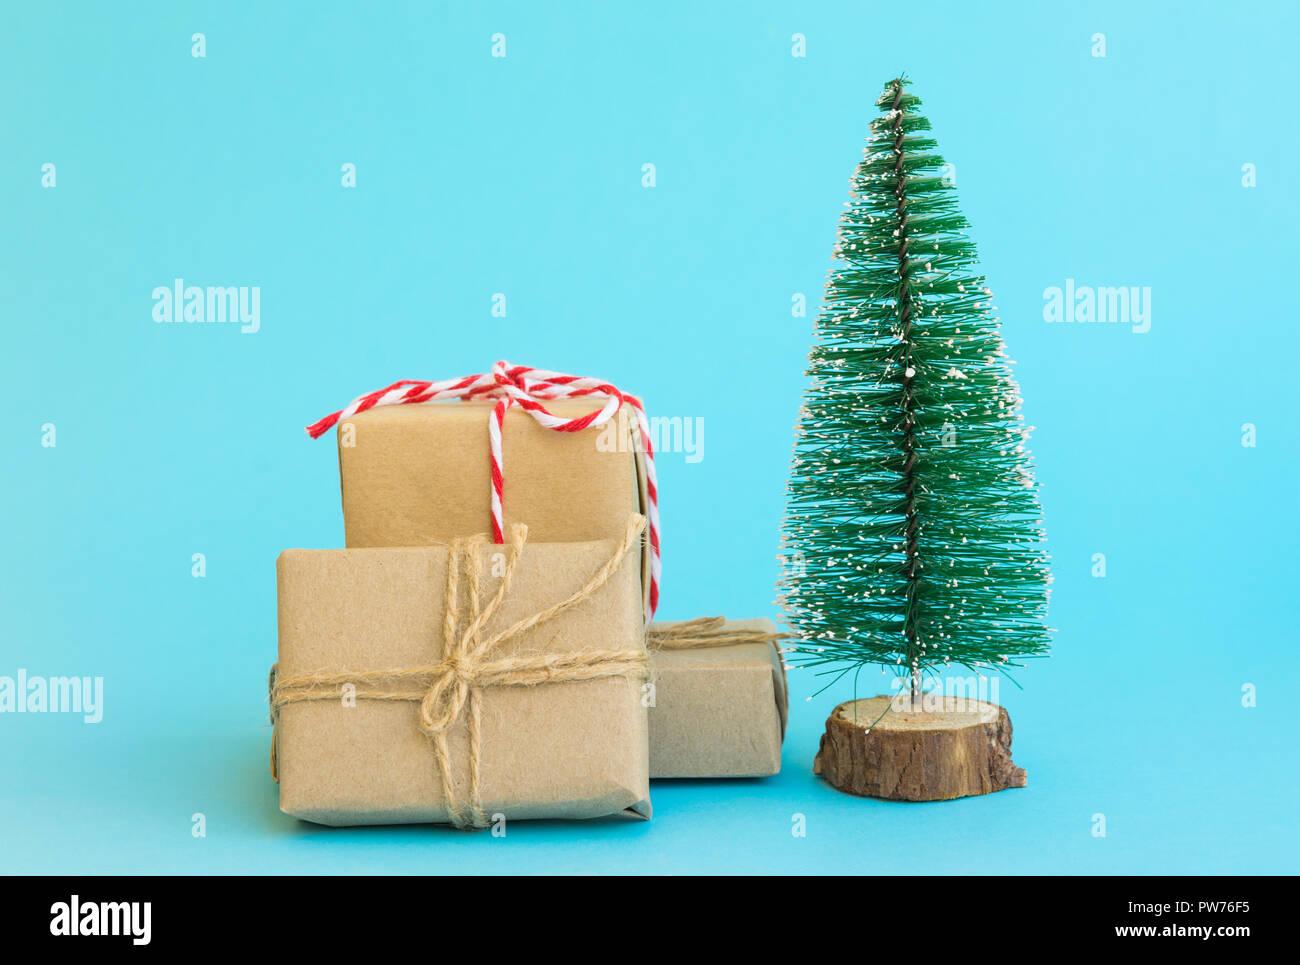 Stapel der Geschenkboxen in Handwerk Papier mit Garn rot weiße Band Weihnachtsbaum auf Mint blau hintergrund Band umwickelt. Neues Jahr corporate präsentiert shoppin Stockfoto